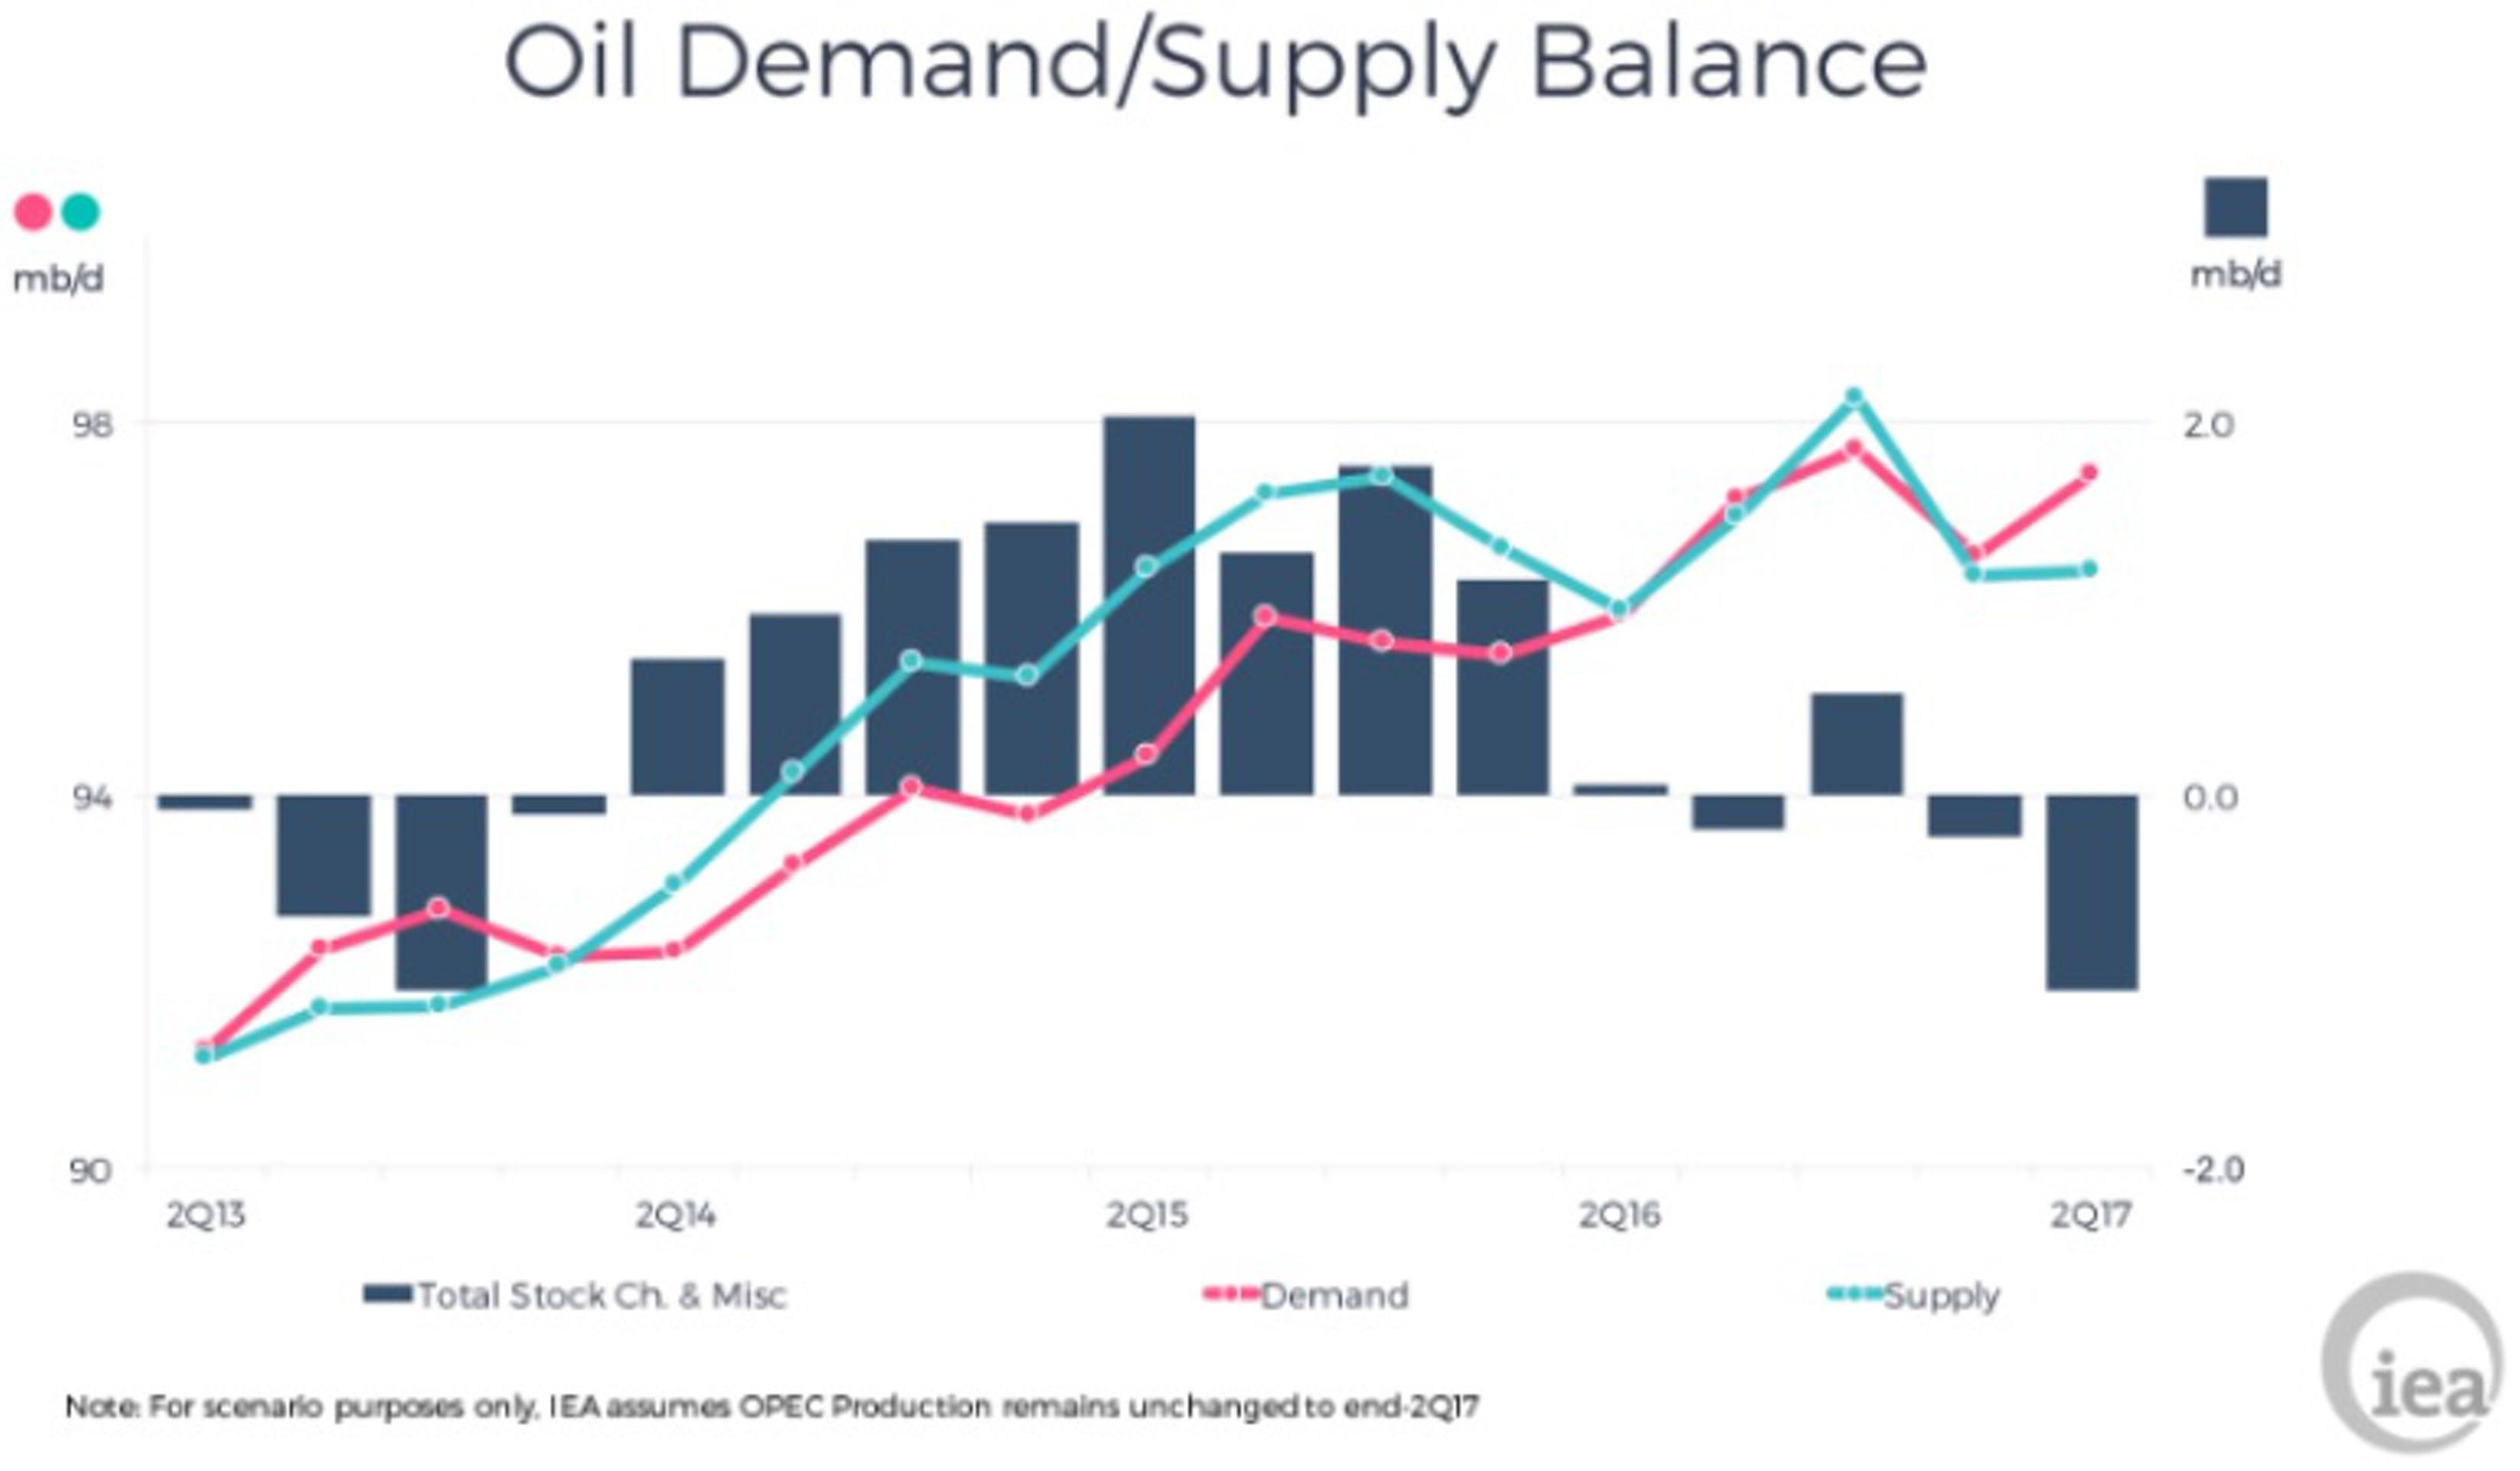 МЭА: рынок нефти очень близок к балансу